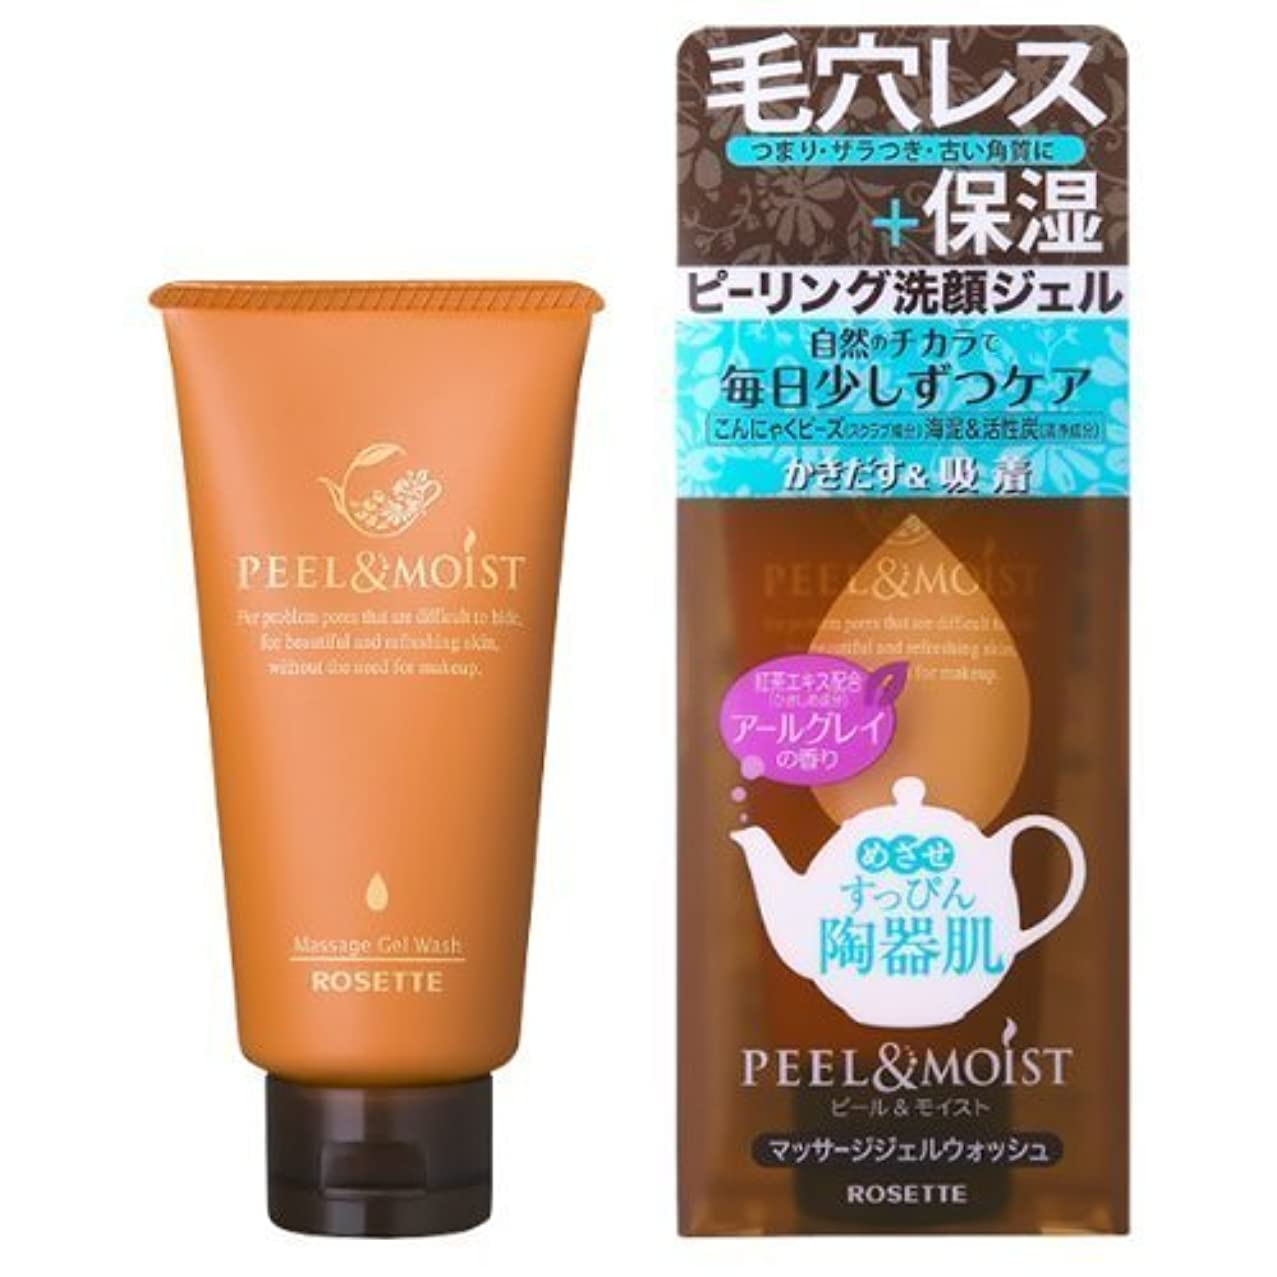 機動レシピ悪意ロゼット R40% スーパーうるおいリフトアップ洗顔フォーム 168g もっちりタイプの植物性洗顔フォーム スズランのやさしい香り×48点セット (4901696532591)